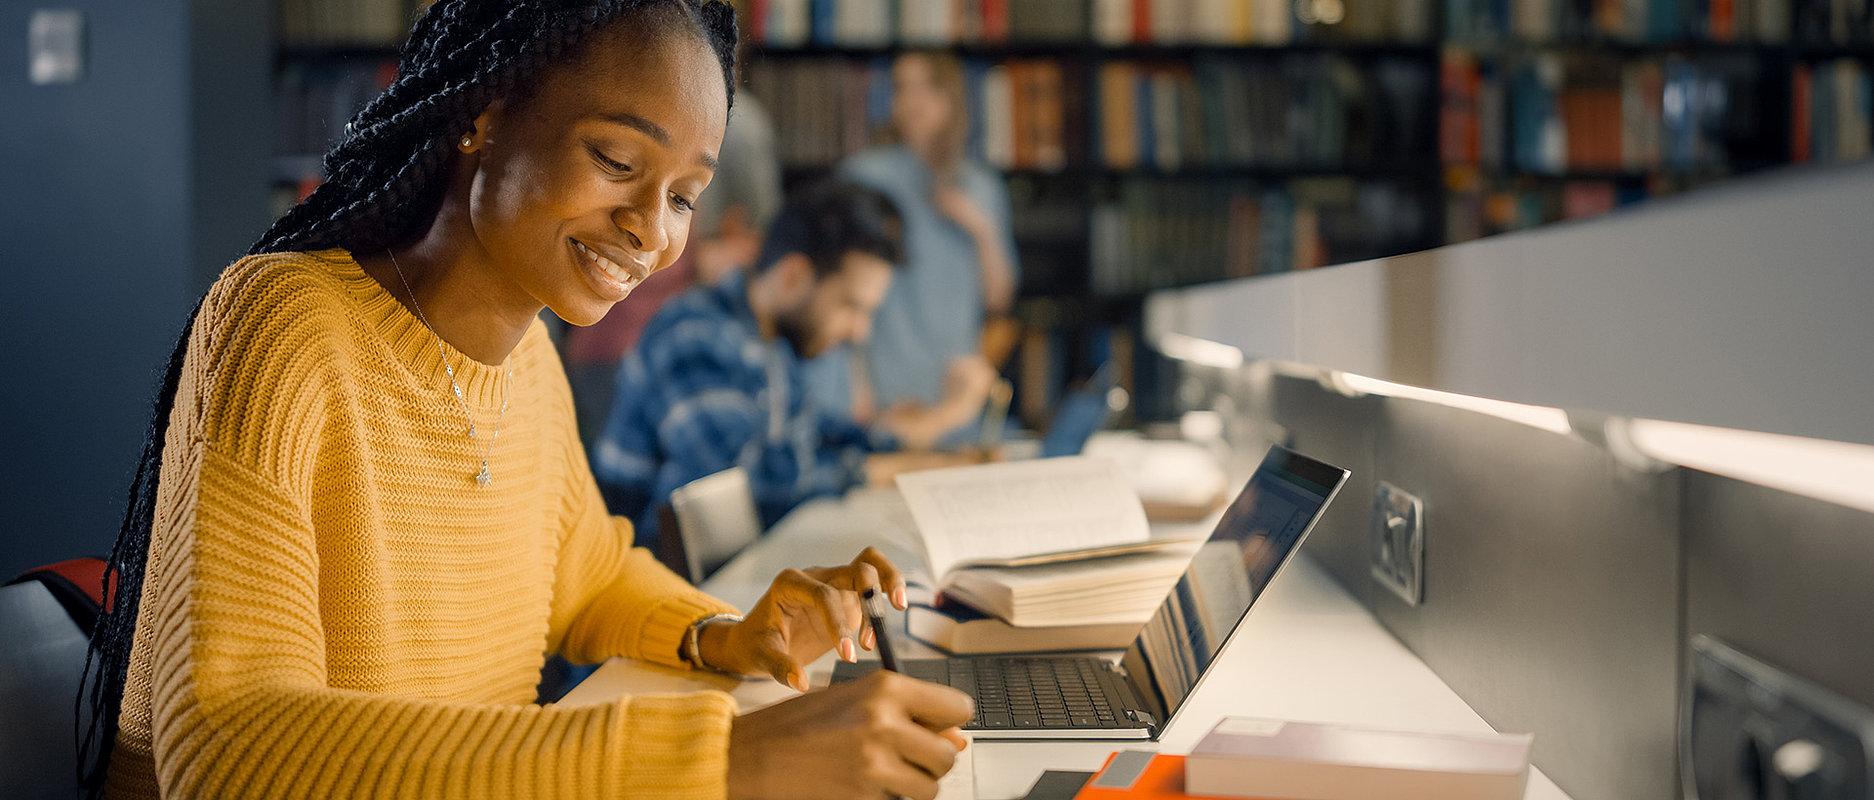 Etudiante en train de travailler dans une bibliothèque